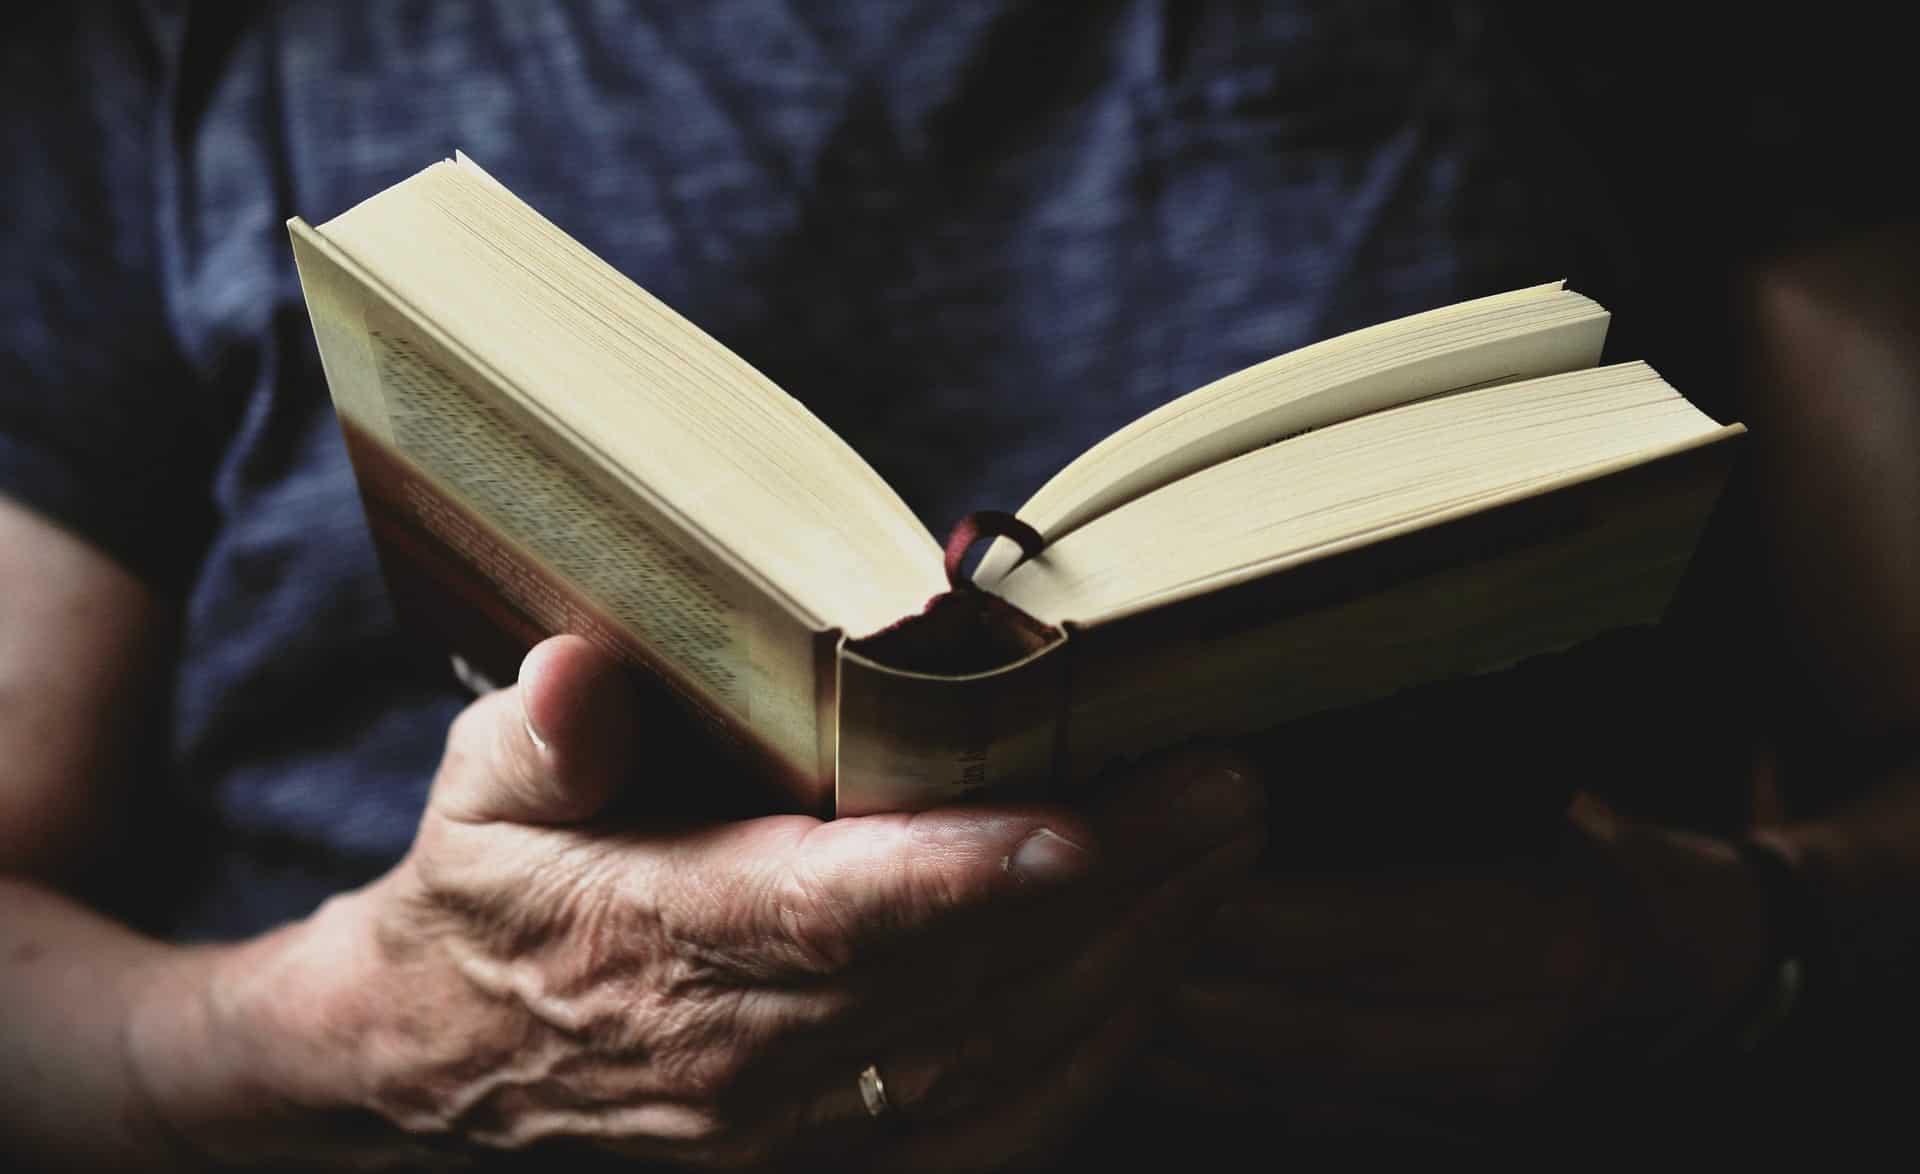 Destaque de mãos de homem segurando livro aberto.